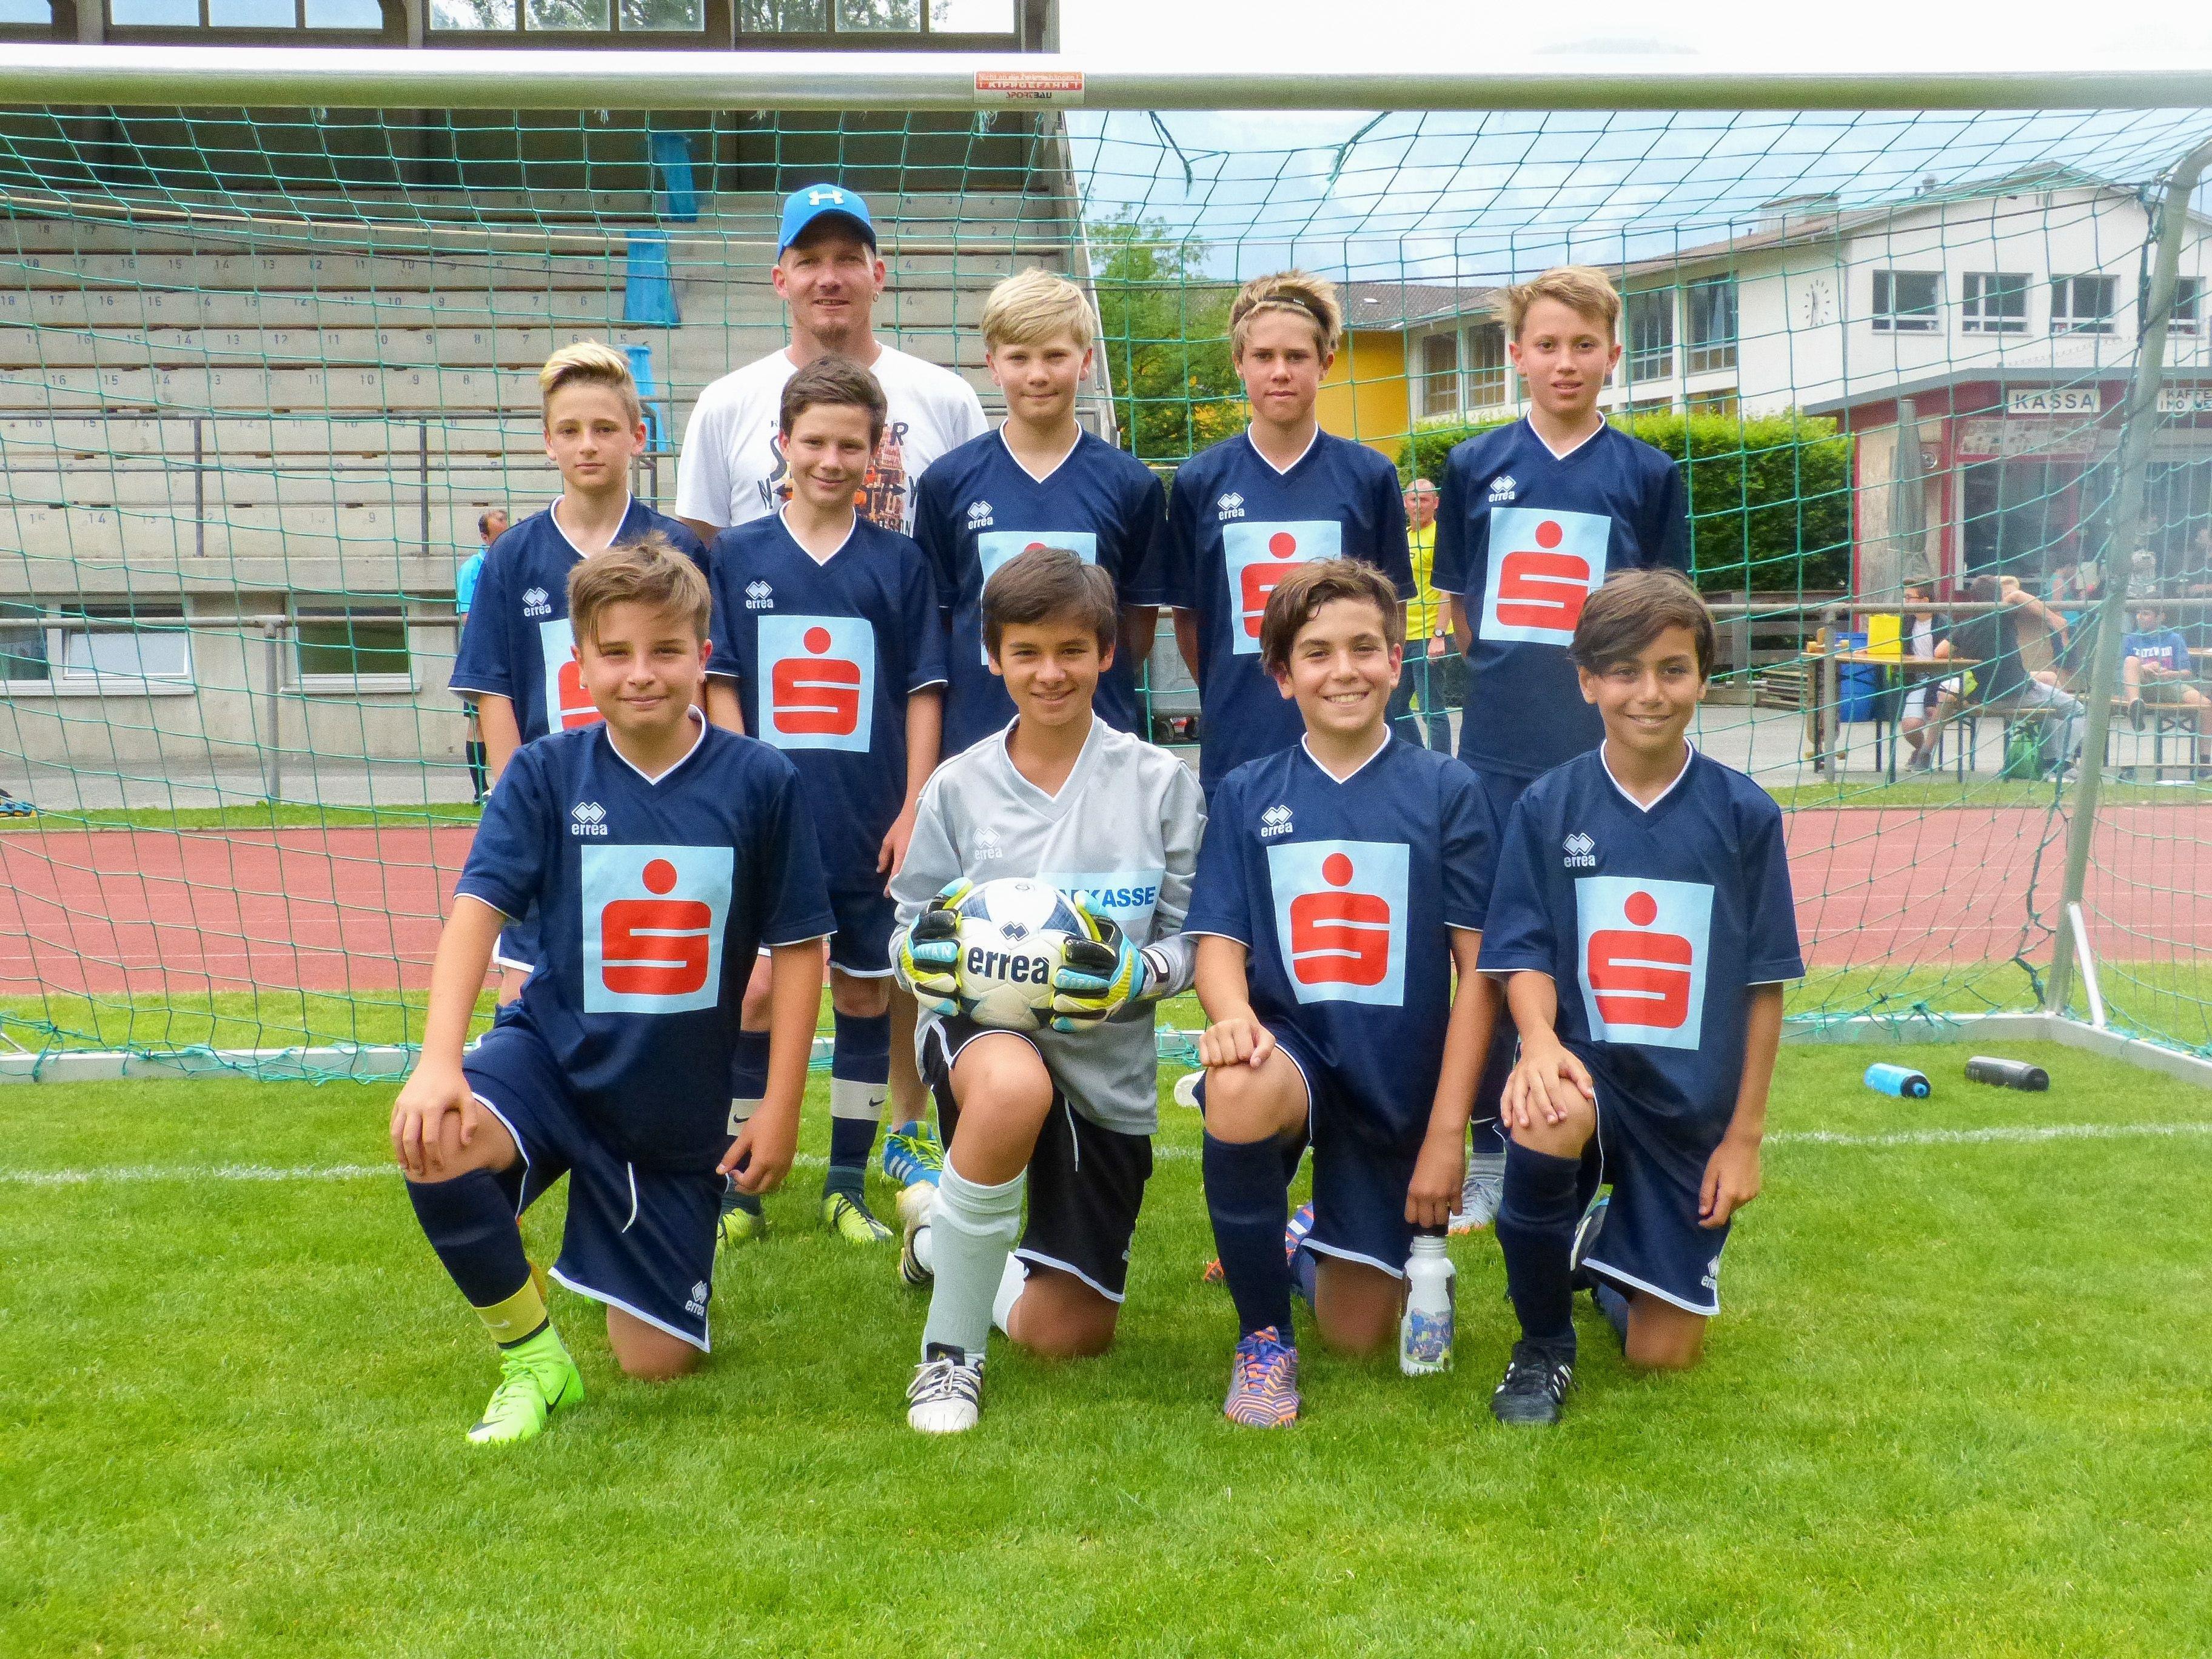 Das erfolgreiche Futsal Team der VMS Altach